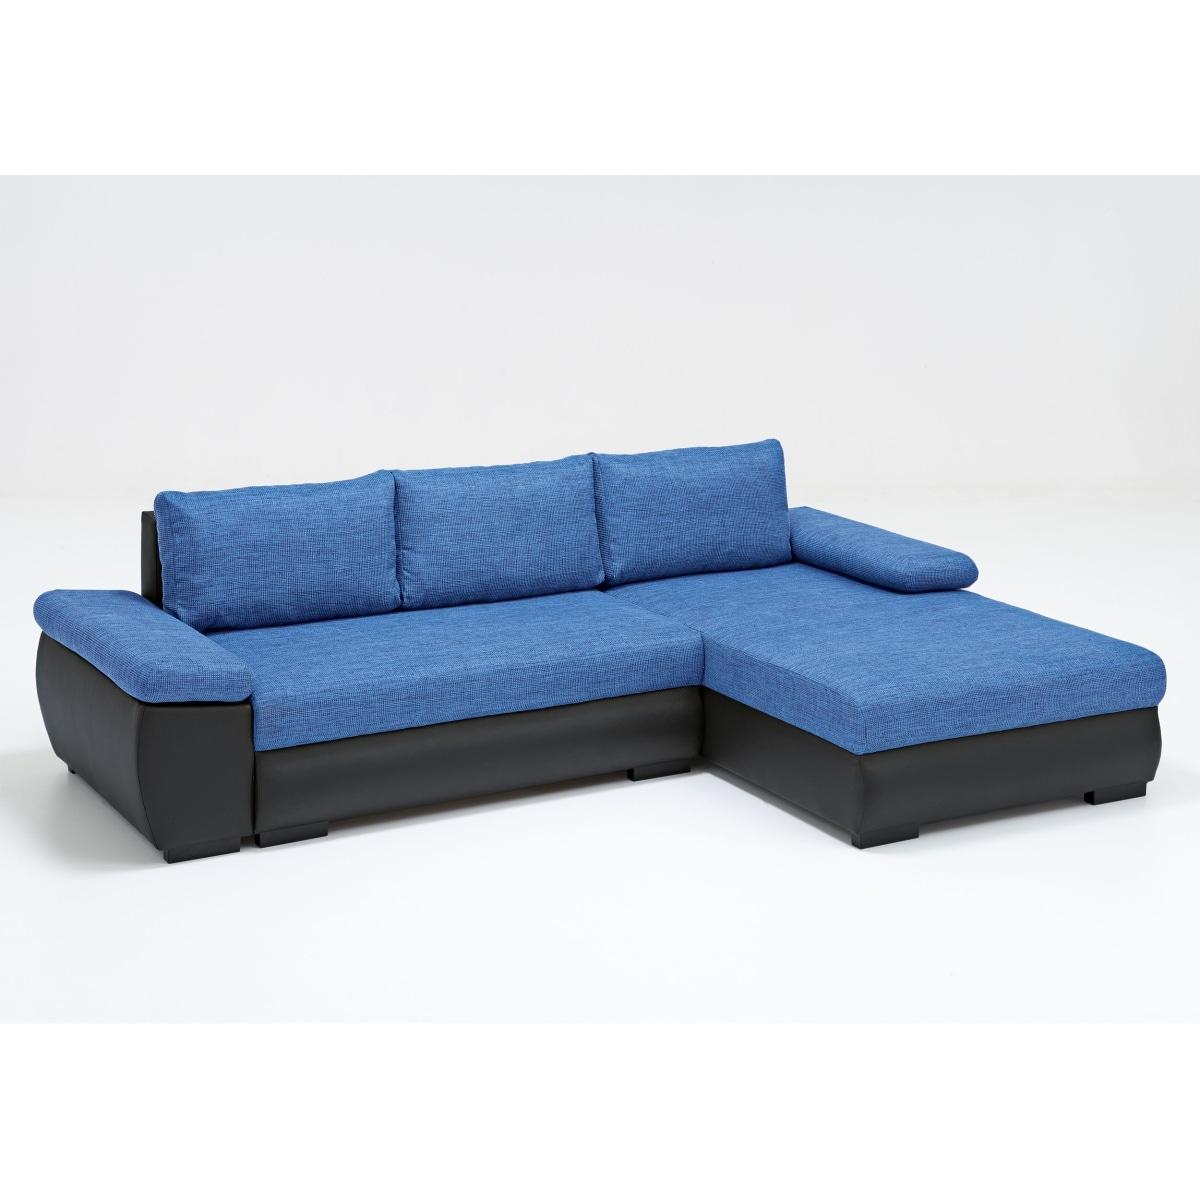 polsterecke schwarz blau polsterm bel wohnen m bel. Black Bedroom Furniture Sets. Home Design Ideas